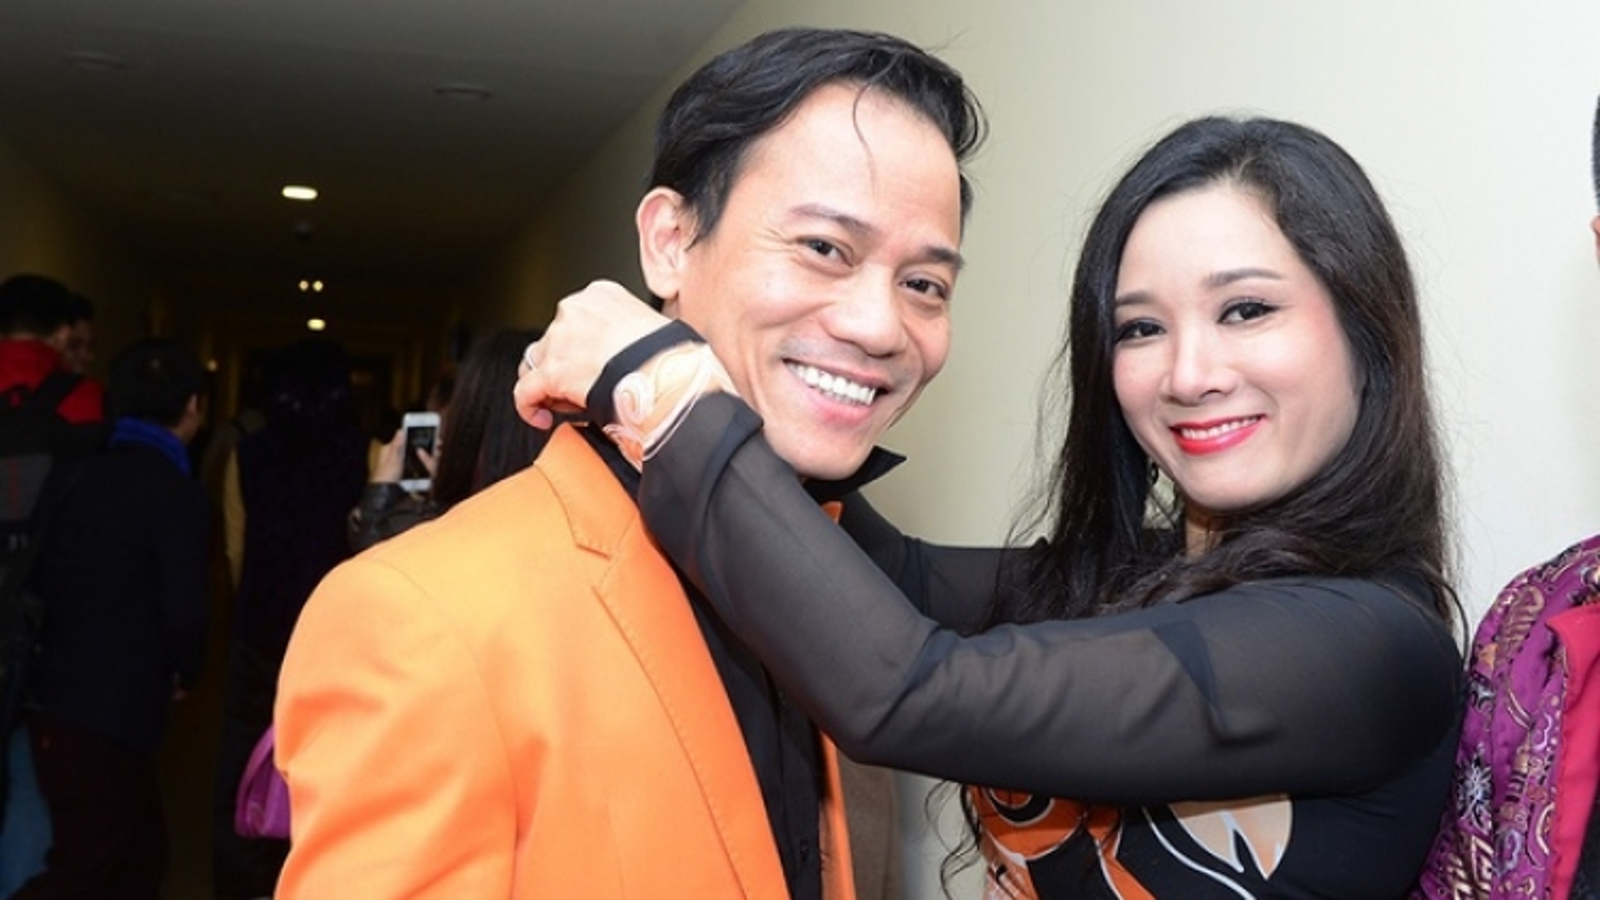 Chuyện showbiz: Thanh Thanh Hiền xác nhận đã ly hôn Chế Phong